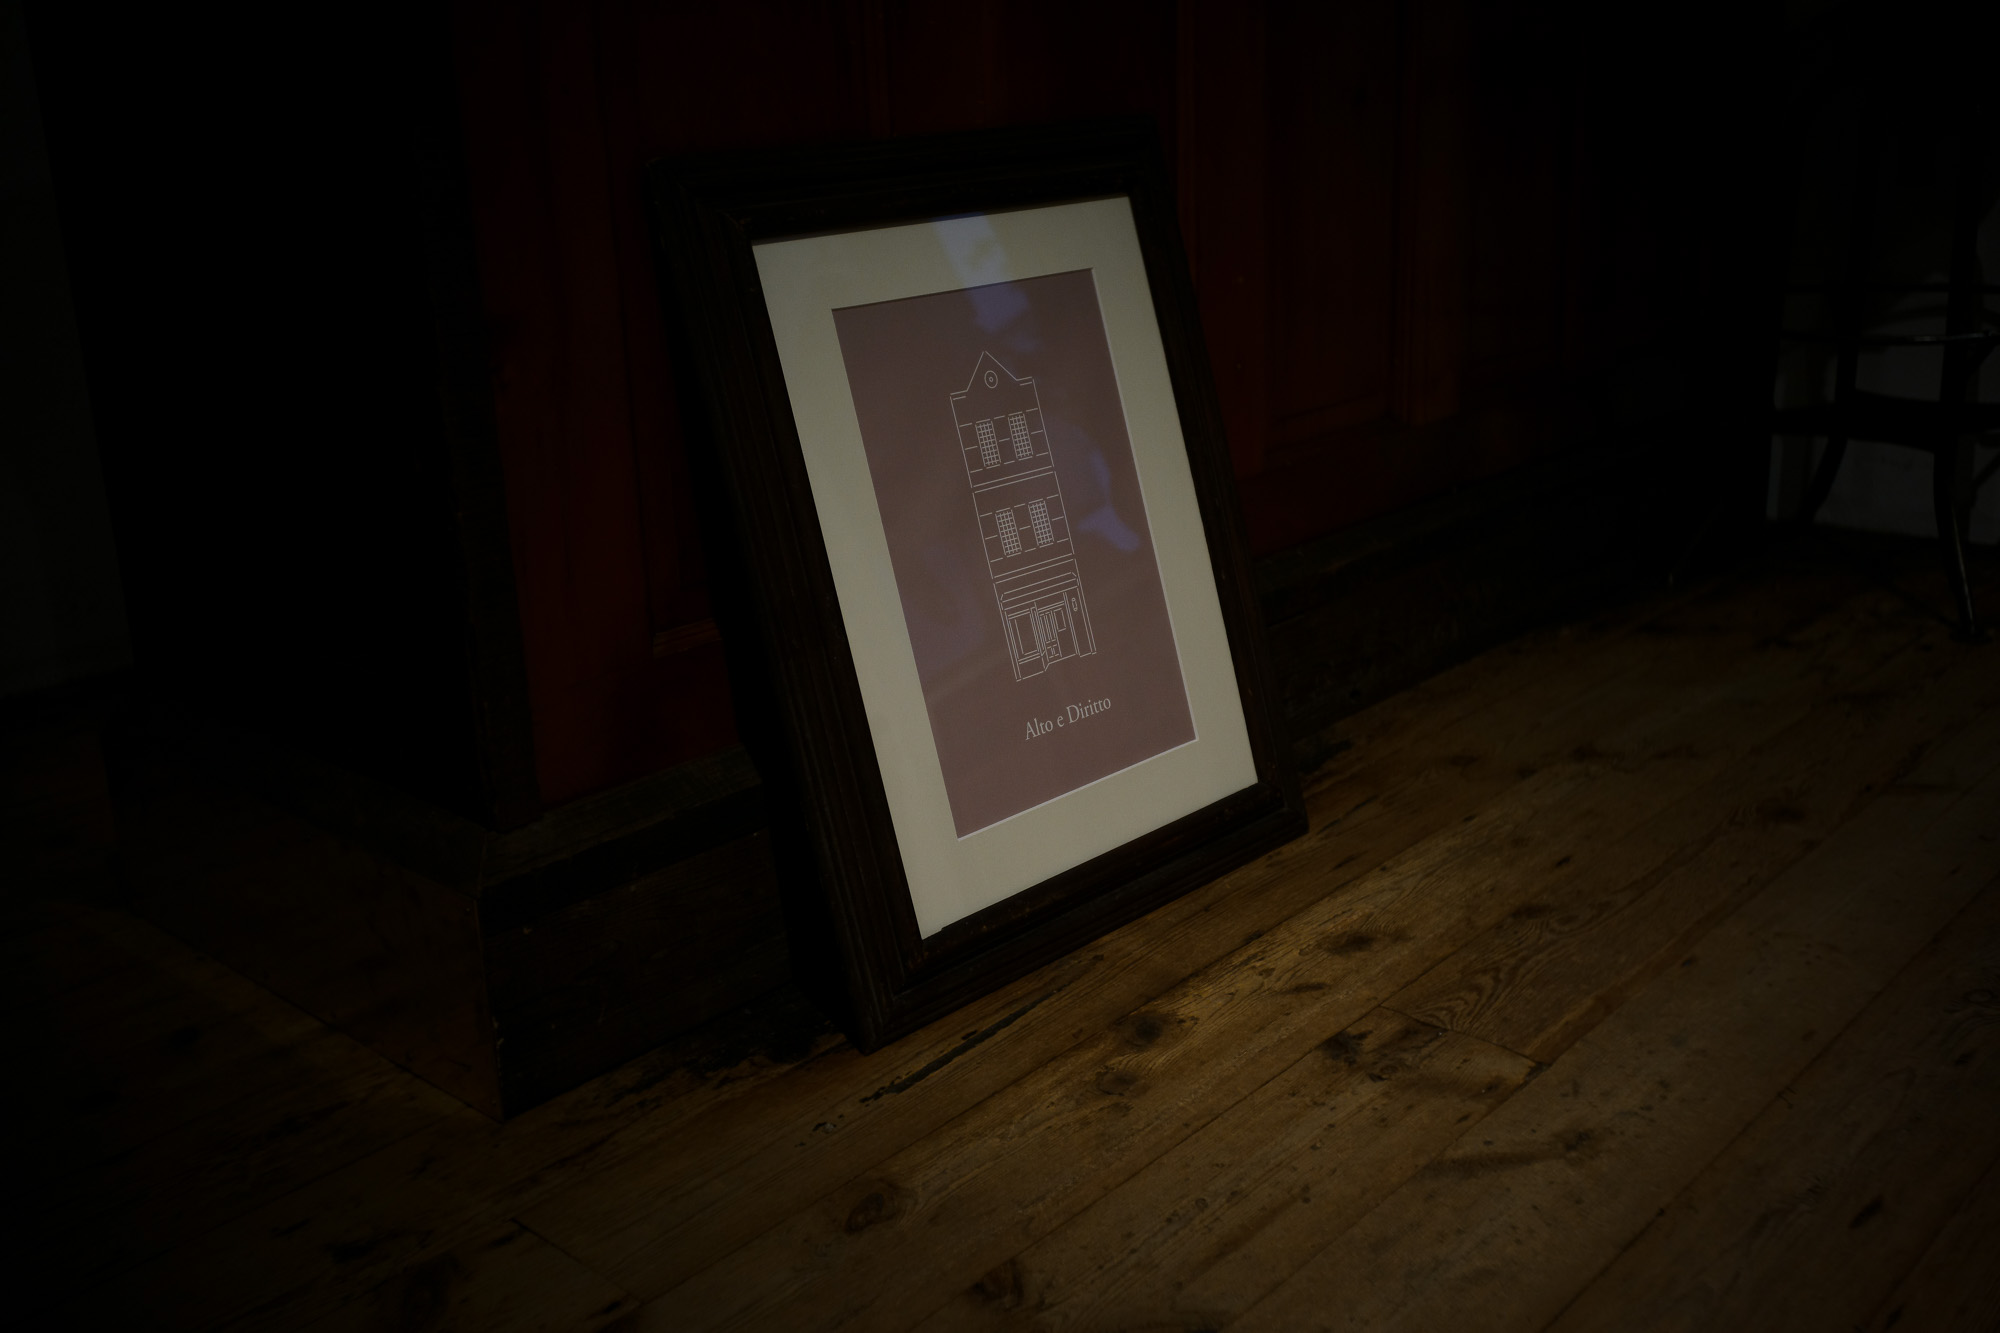 2018.9.13 Thu /// ZODIAC → Alto e Diritto 愛知 名古屋 ALTO E DIRITTO アルトエデリット セレクトショップ 洋服屋 ブティック 高級 Alto e Diritto アルト エ デリット